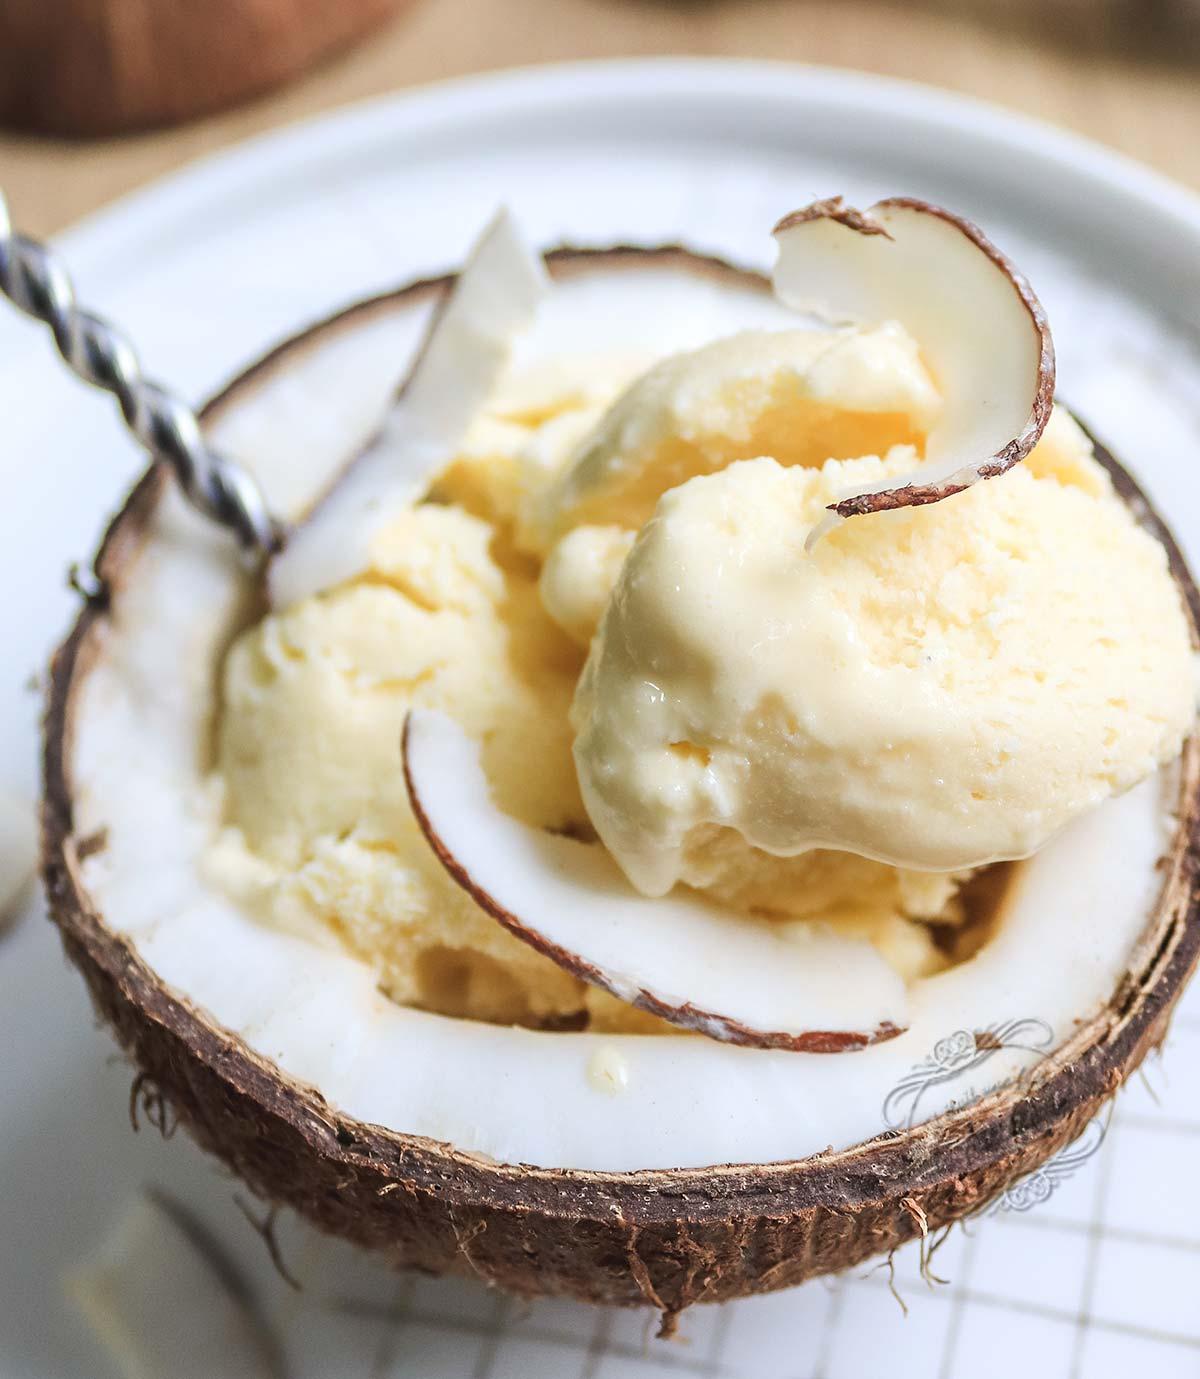 glace-noix-de-coco-maison